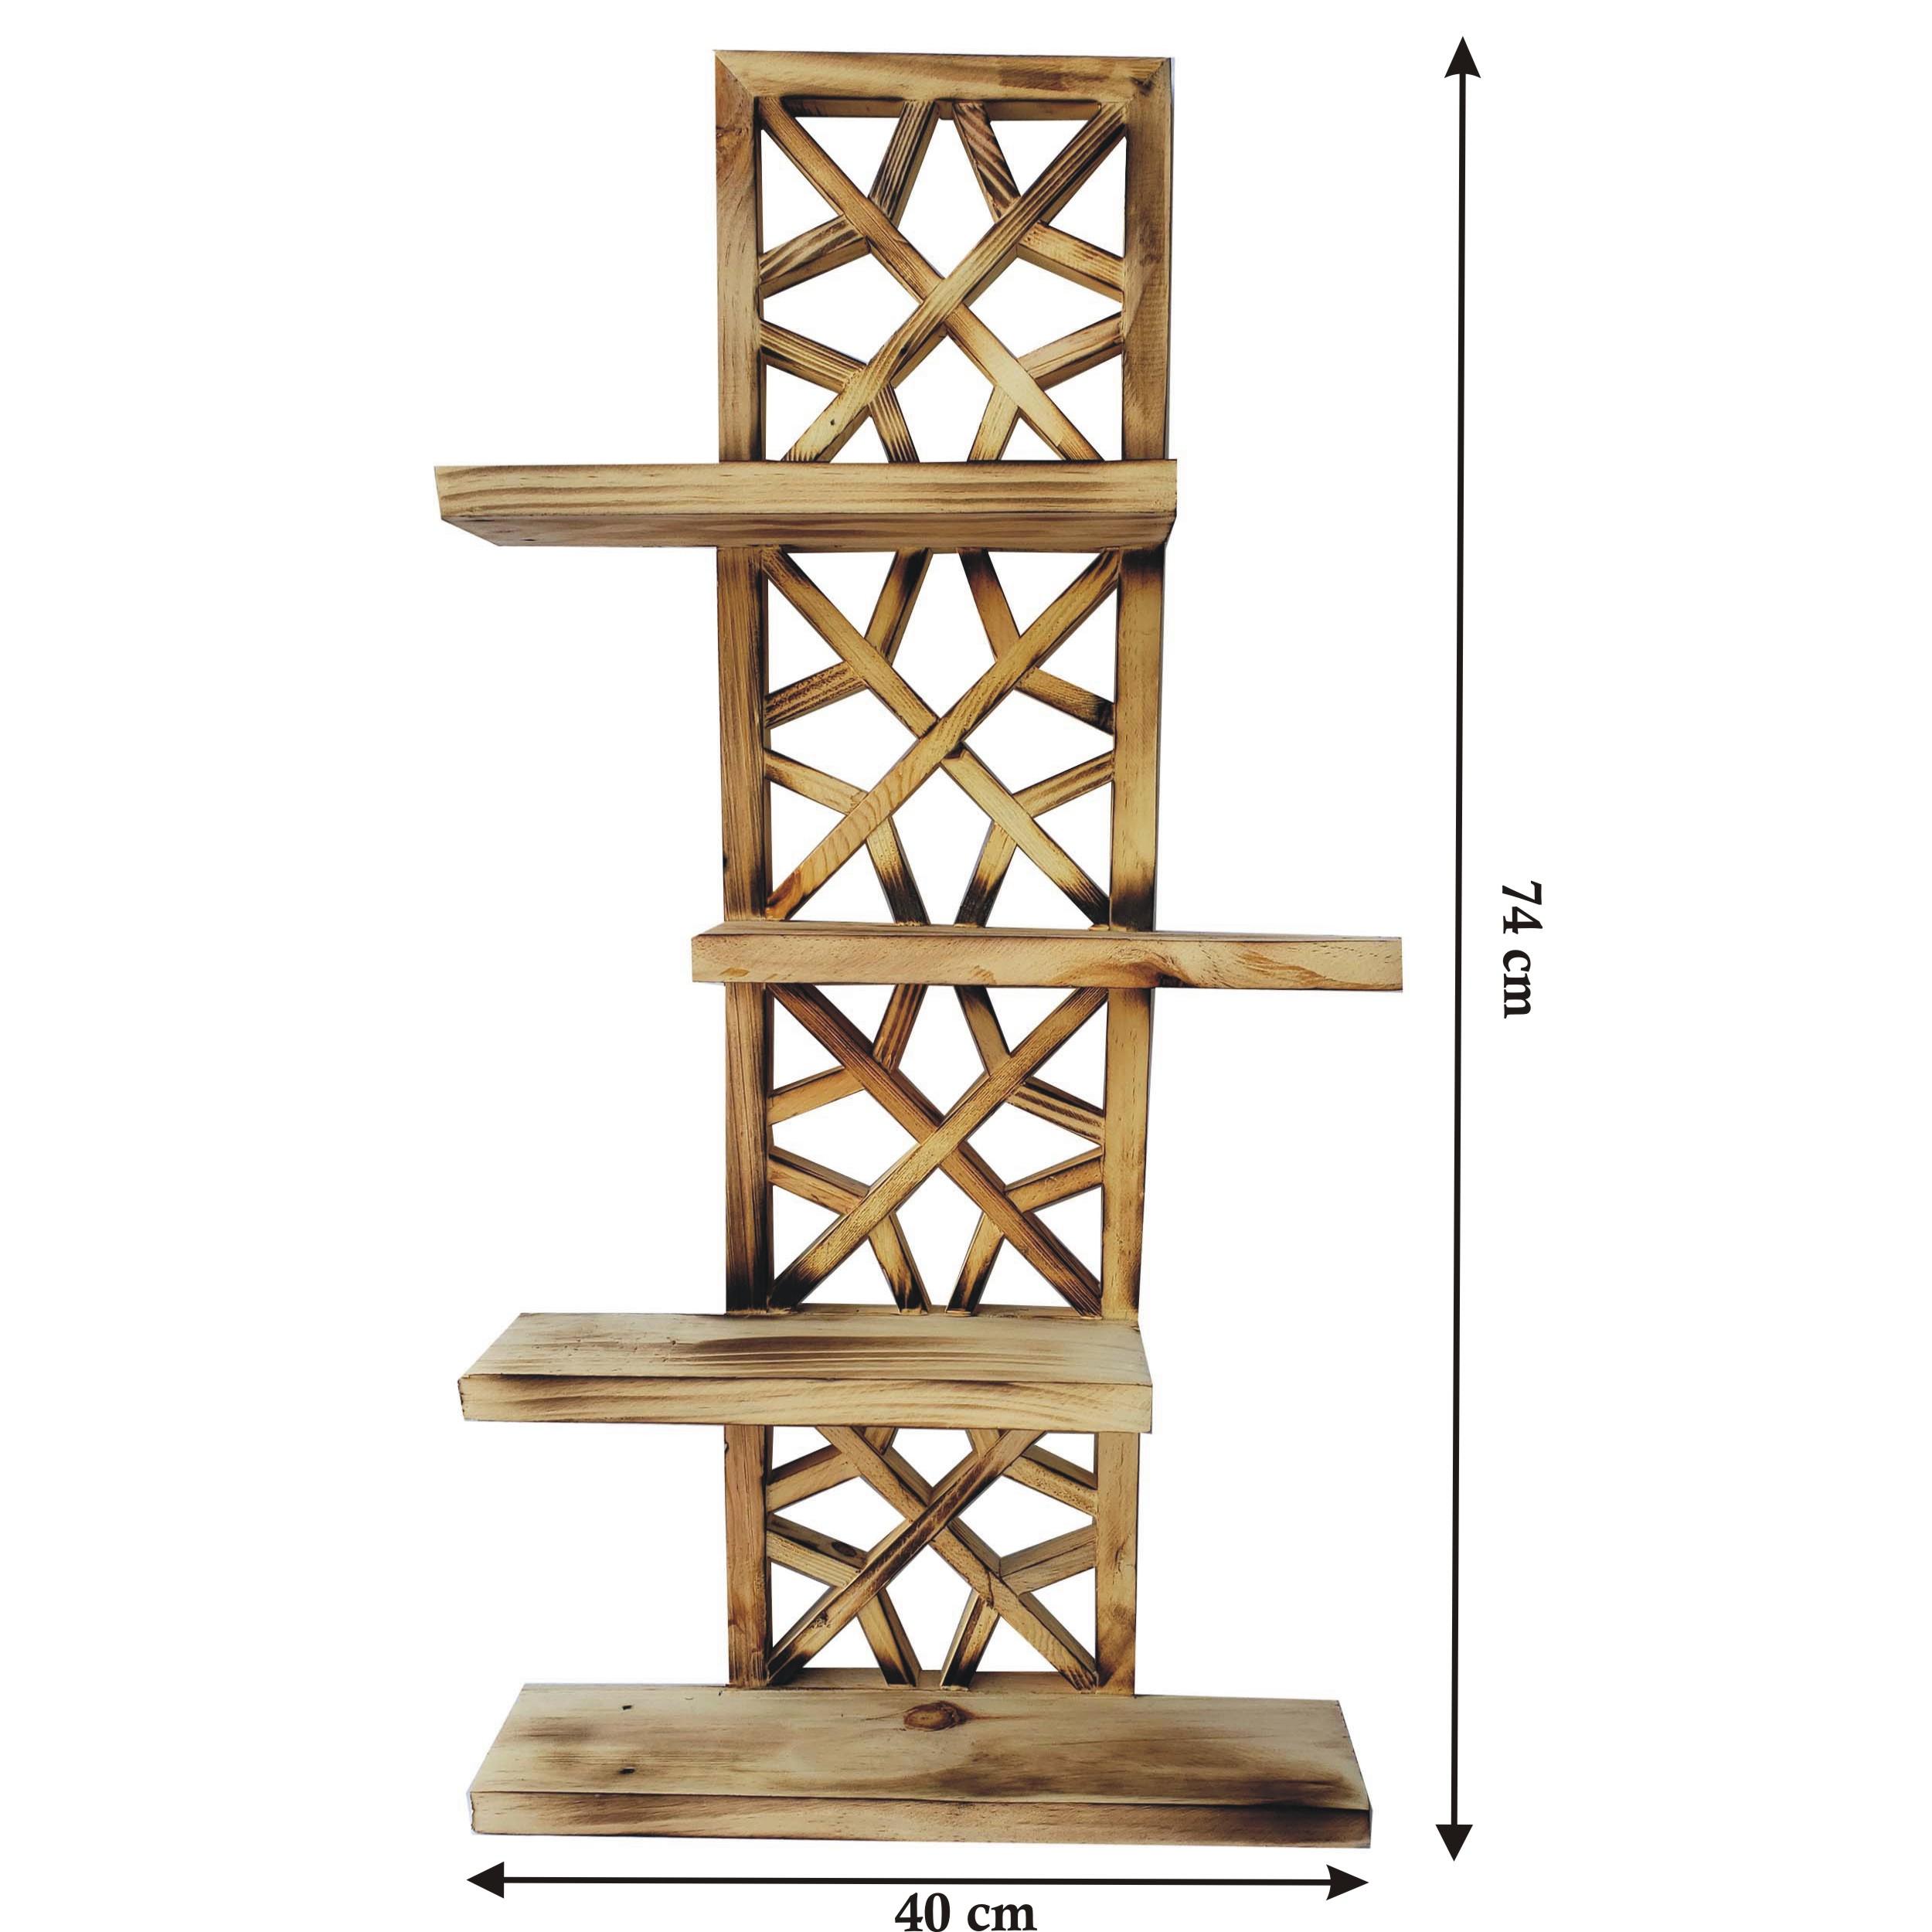 قیمت خرید طبقه دیواری مدل SH122 اورجینال